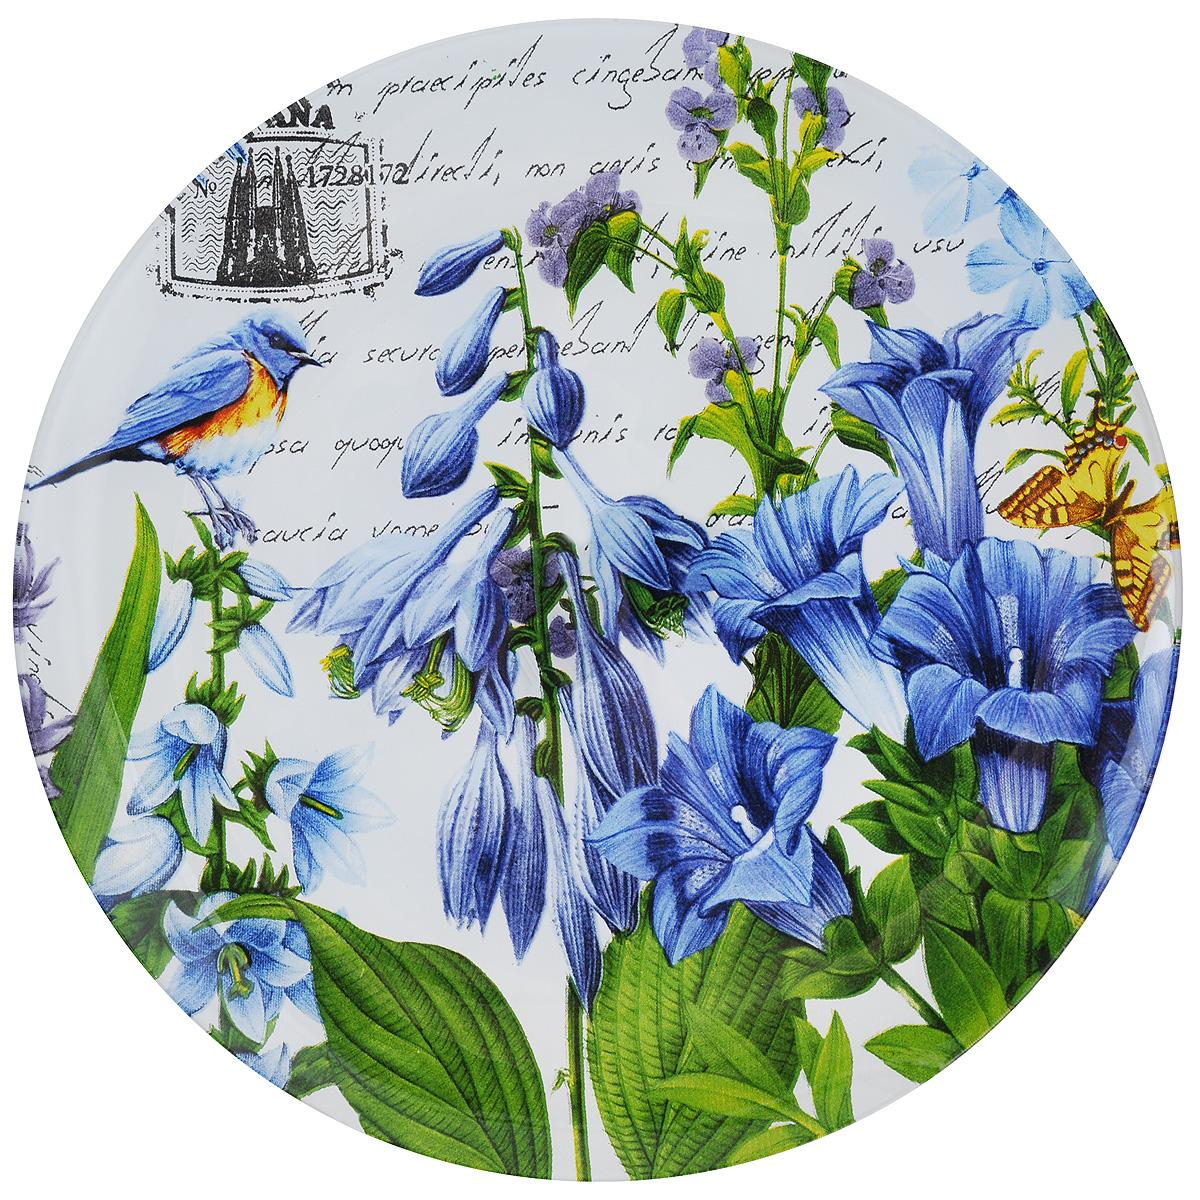 Тарелка Zibo Shelley Колокольчики, диаметр 25 см115510Круглая тарелка Zibo Shelley Колокольчики, изготовленная из стекла, декорирована ярким изображением цветов. Она не только украсит сервировку вашего стола и подчеркнет прекрасный вкус хозяйки, но и станет отличным подарком. Можно использовать в посудомоечной машине и СВЧ.Диаметр: 25 см. Высота: 1,5 см.